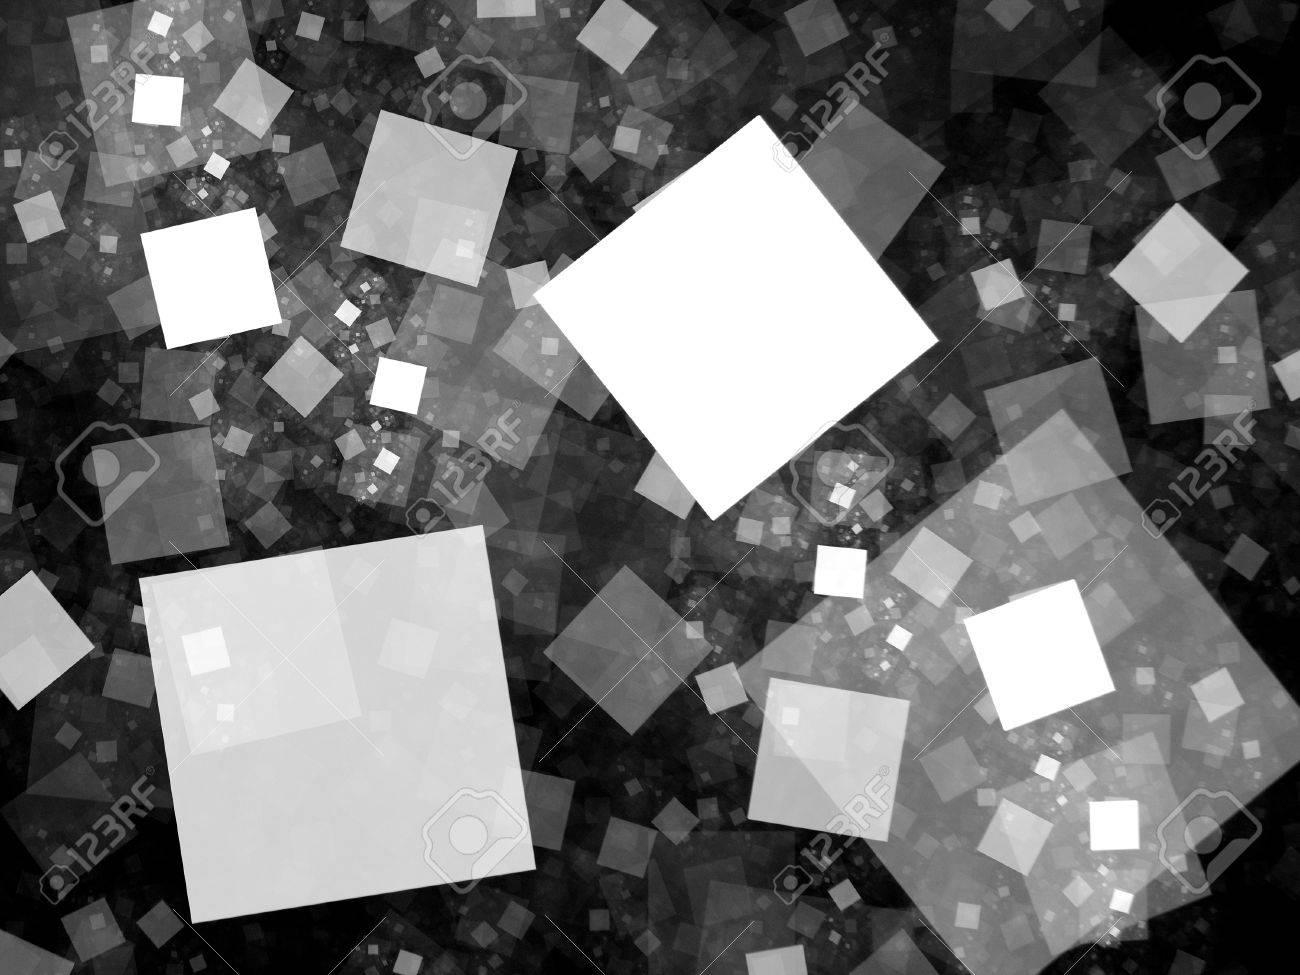 Volare piastrelle nello spazio frattale teoria delle reti